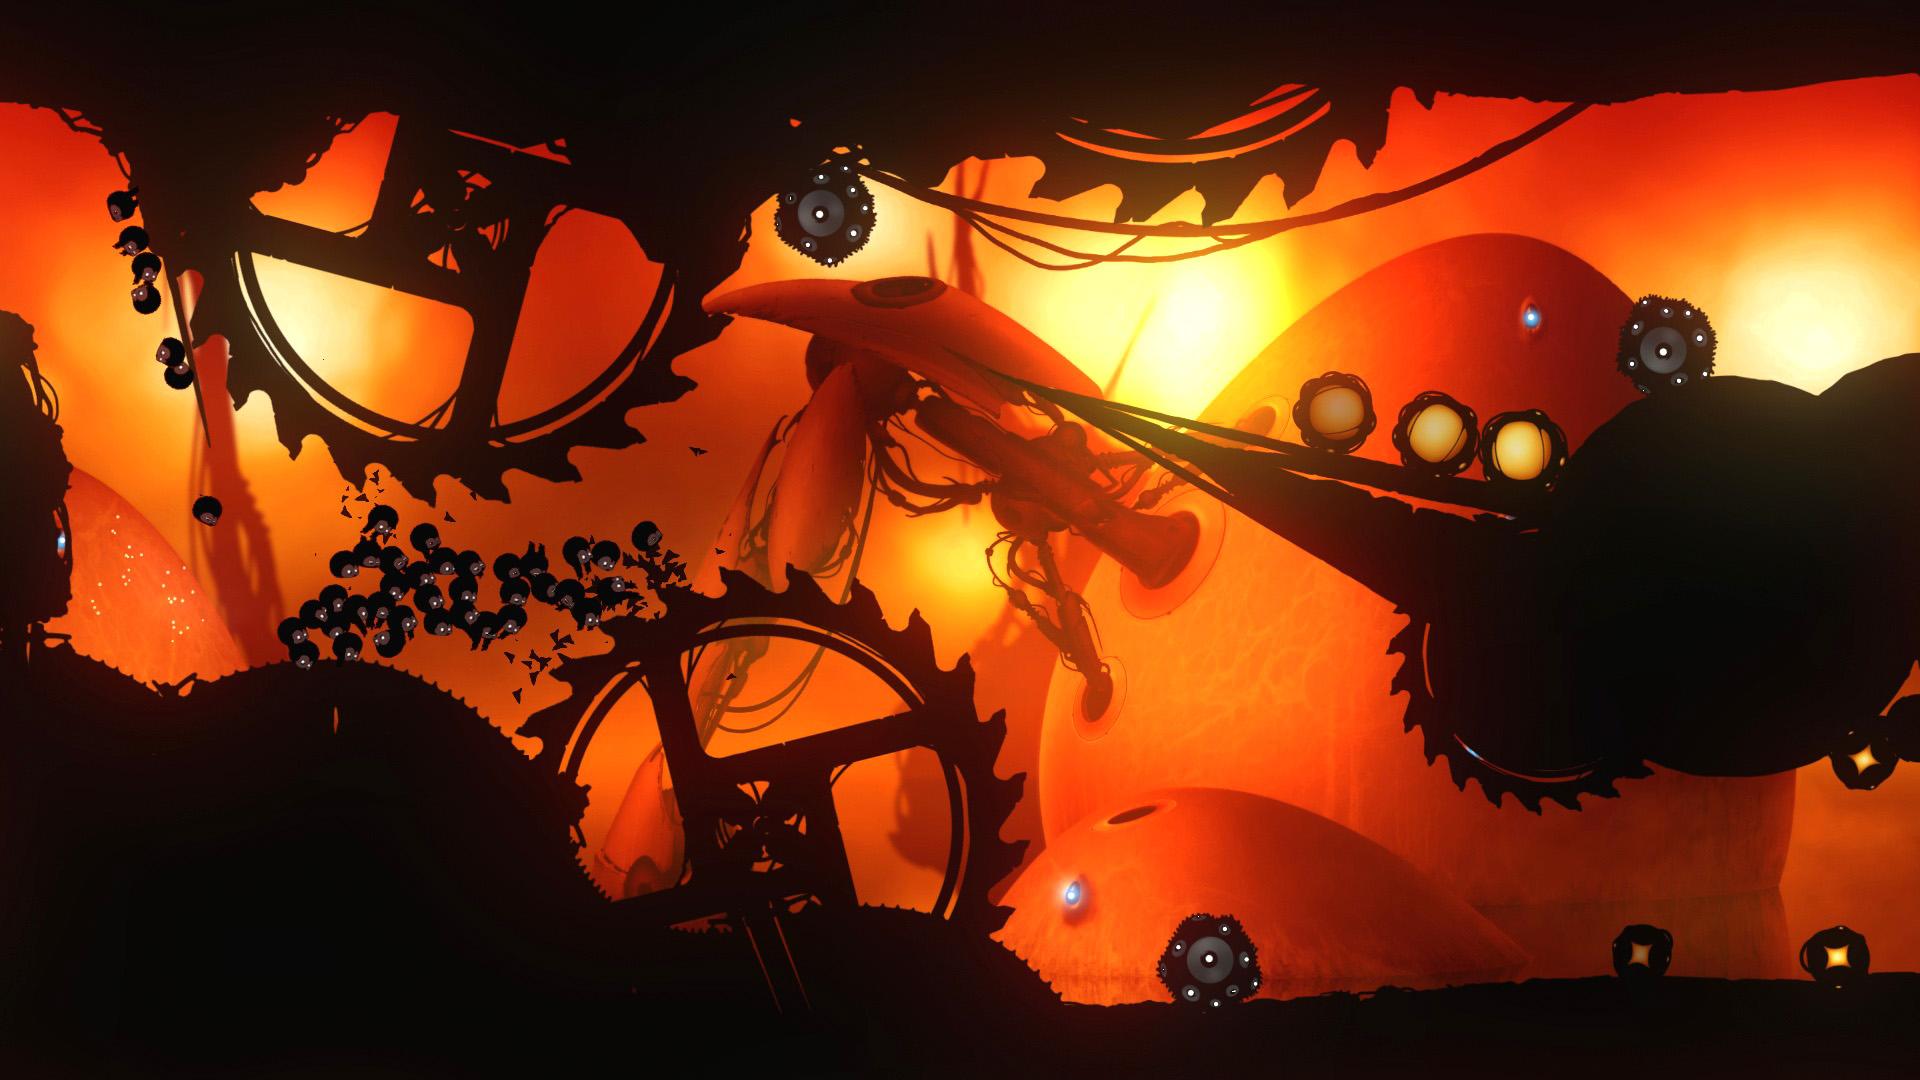 Badland : Game Of The Year Edition - Auswahl von Videospielen « Adresse - Geschicklichkeit »